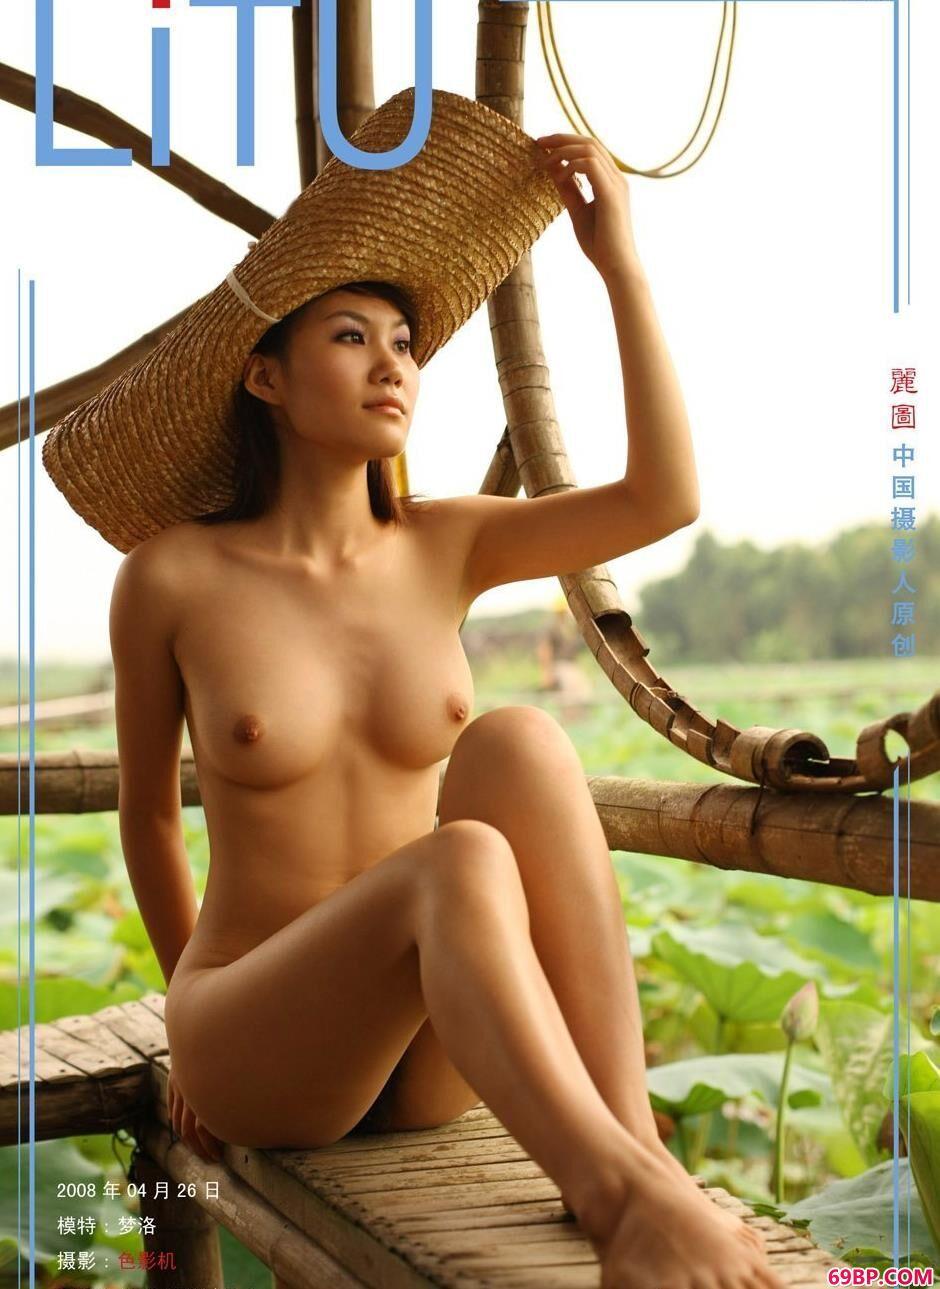 荷塘梦洛人与自然如此亲近3